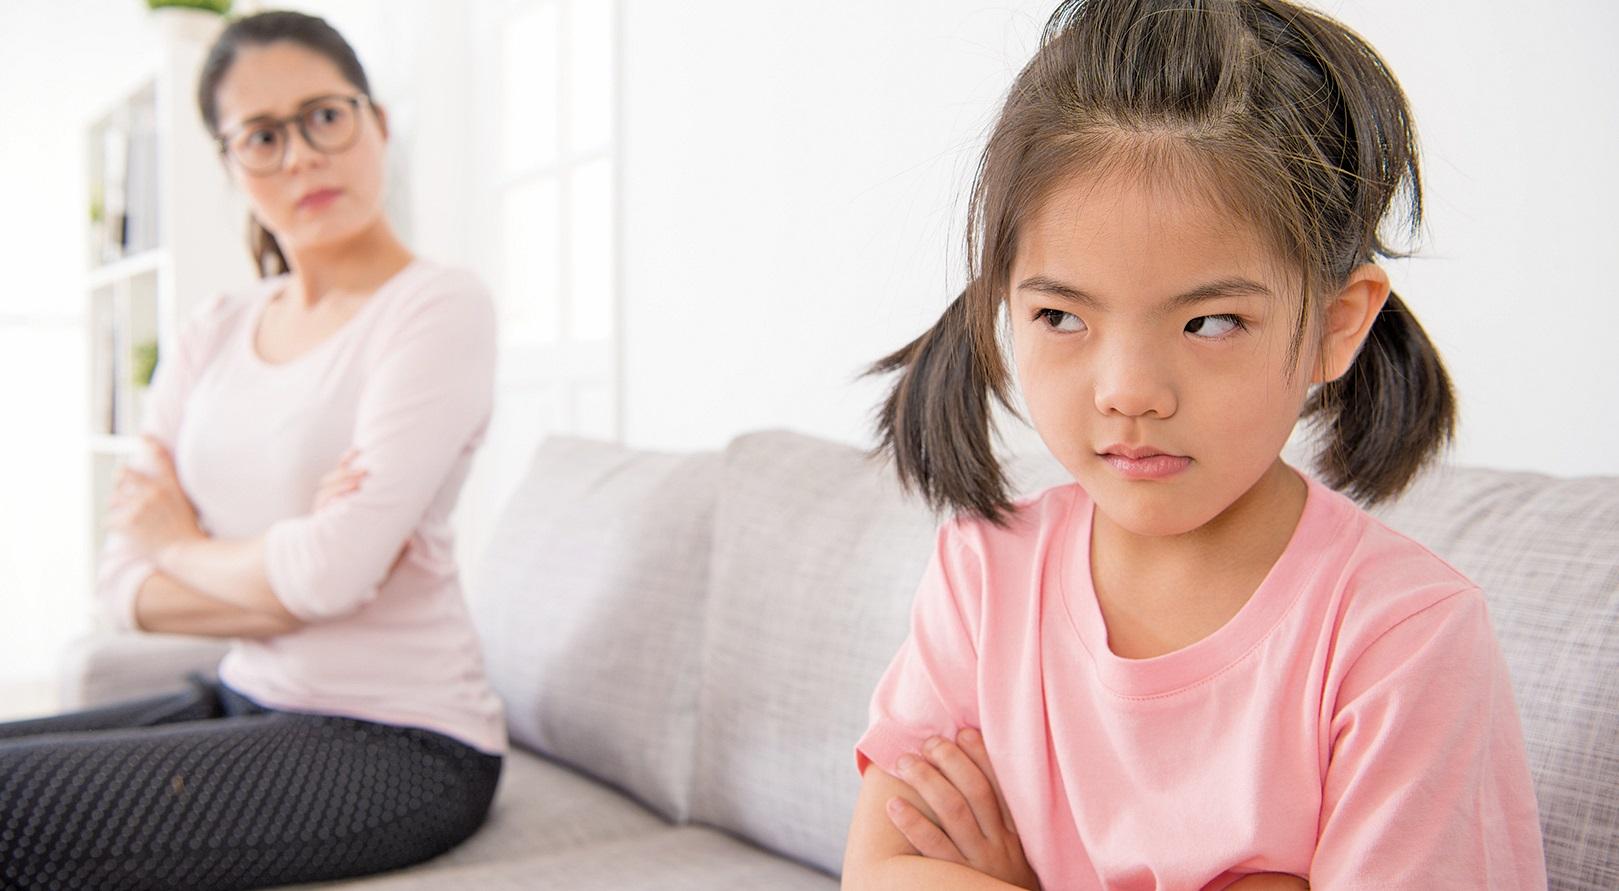 Ghi lại những câu mình mắng con khiến mẹ 'hạ hỏa' triệt để » Báo Phụ Nữ Việt Nam